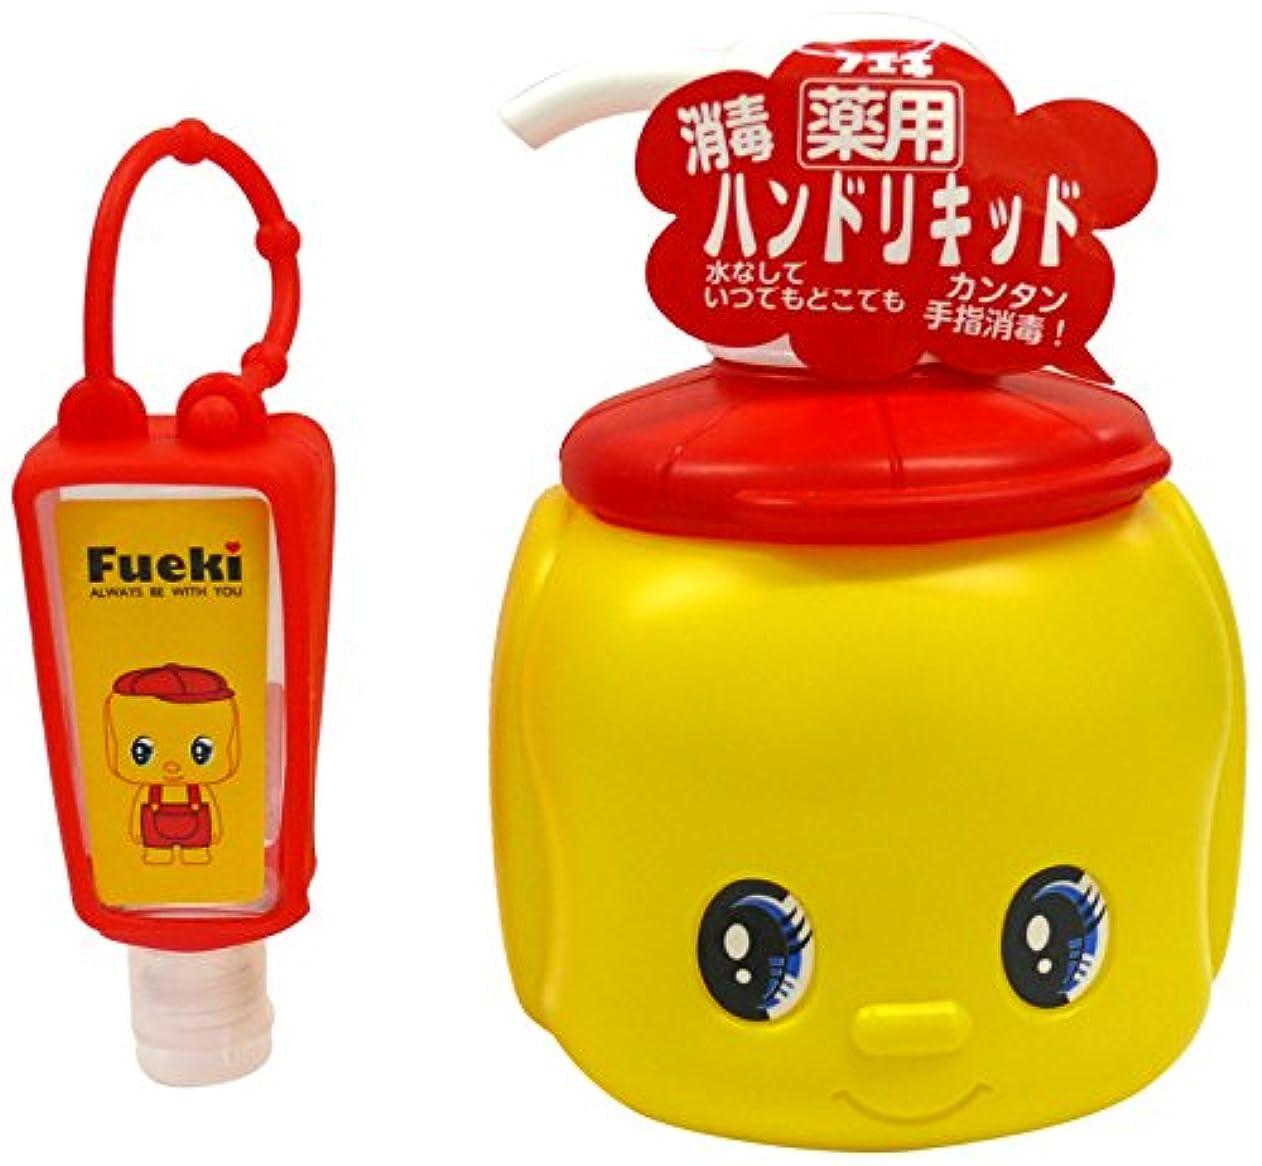 望ましい気まぐれな呼ぶ薬用 フエキやさしい消毒ハンドリキッド ポンプタイプ 350ml (詰め替え容器付き)